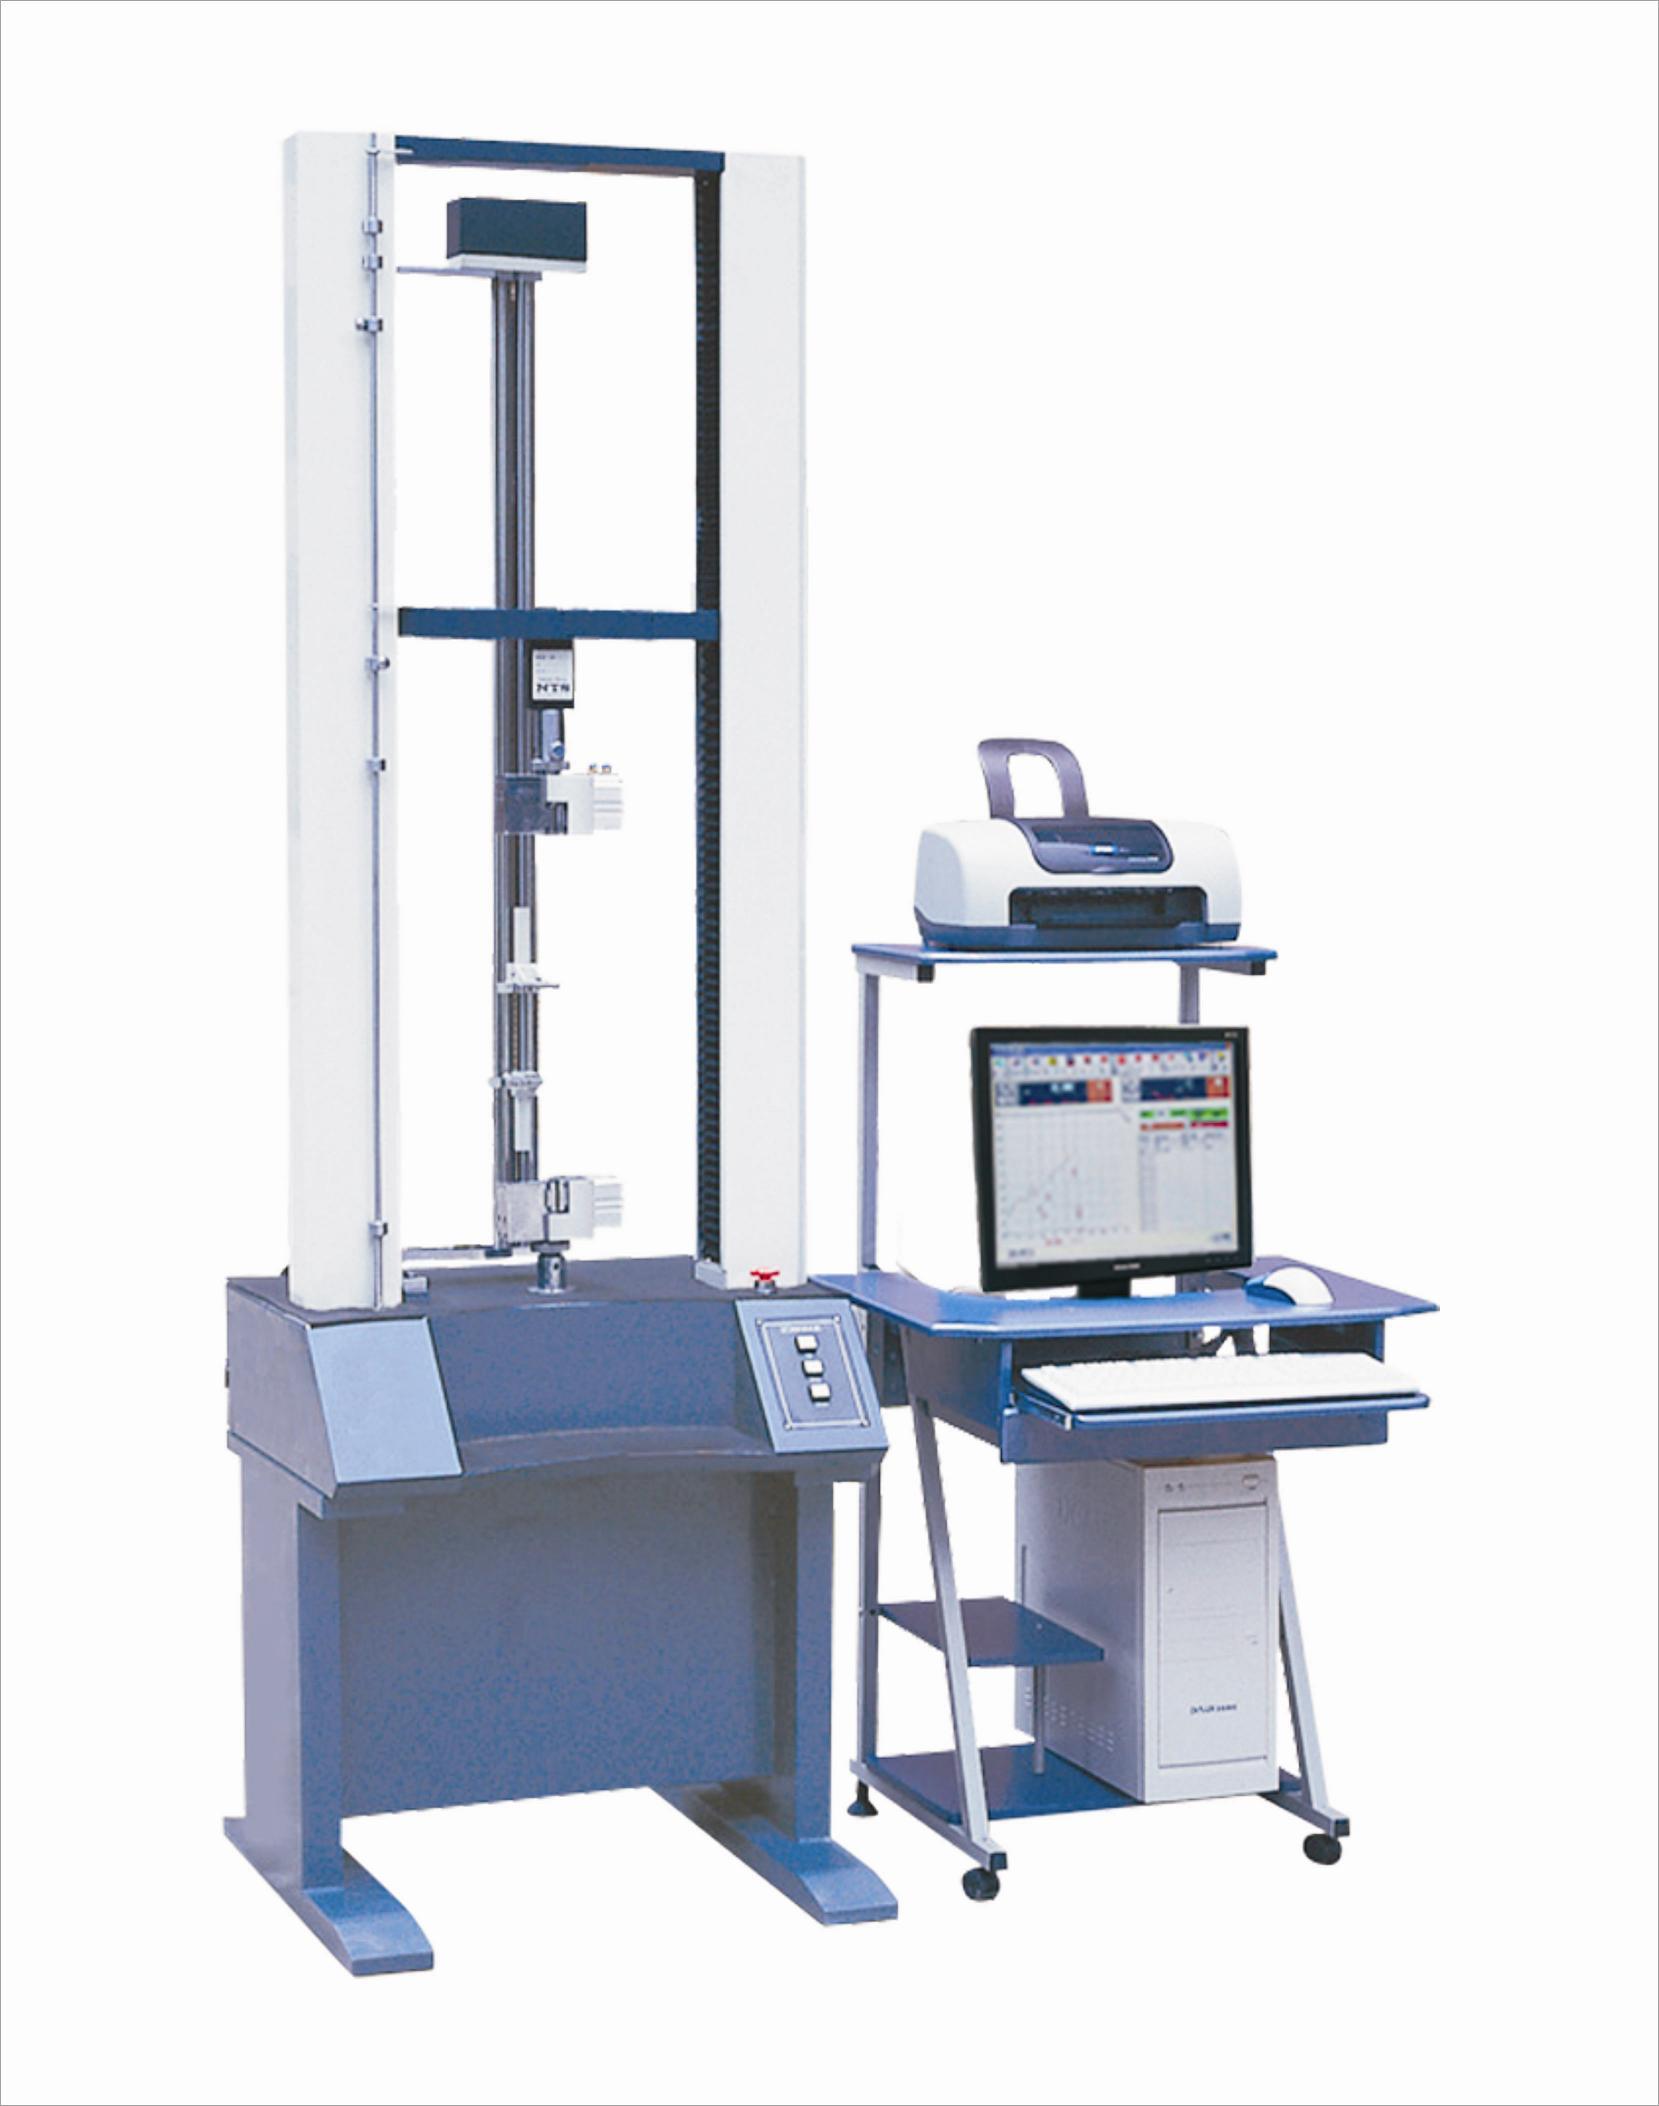 machine materials